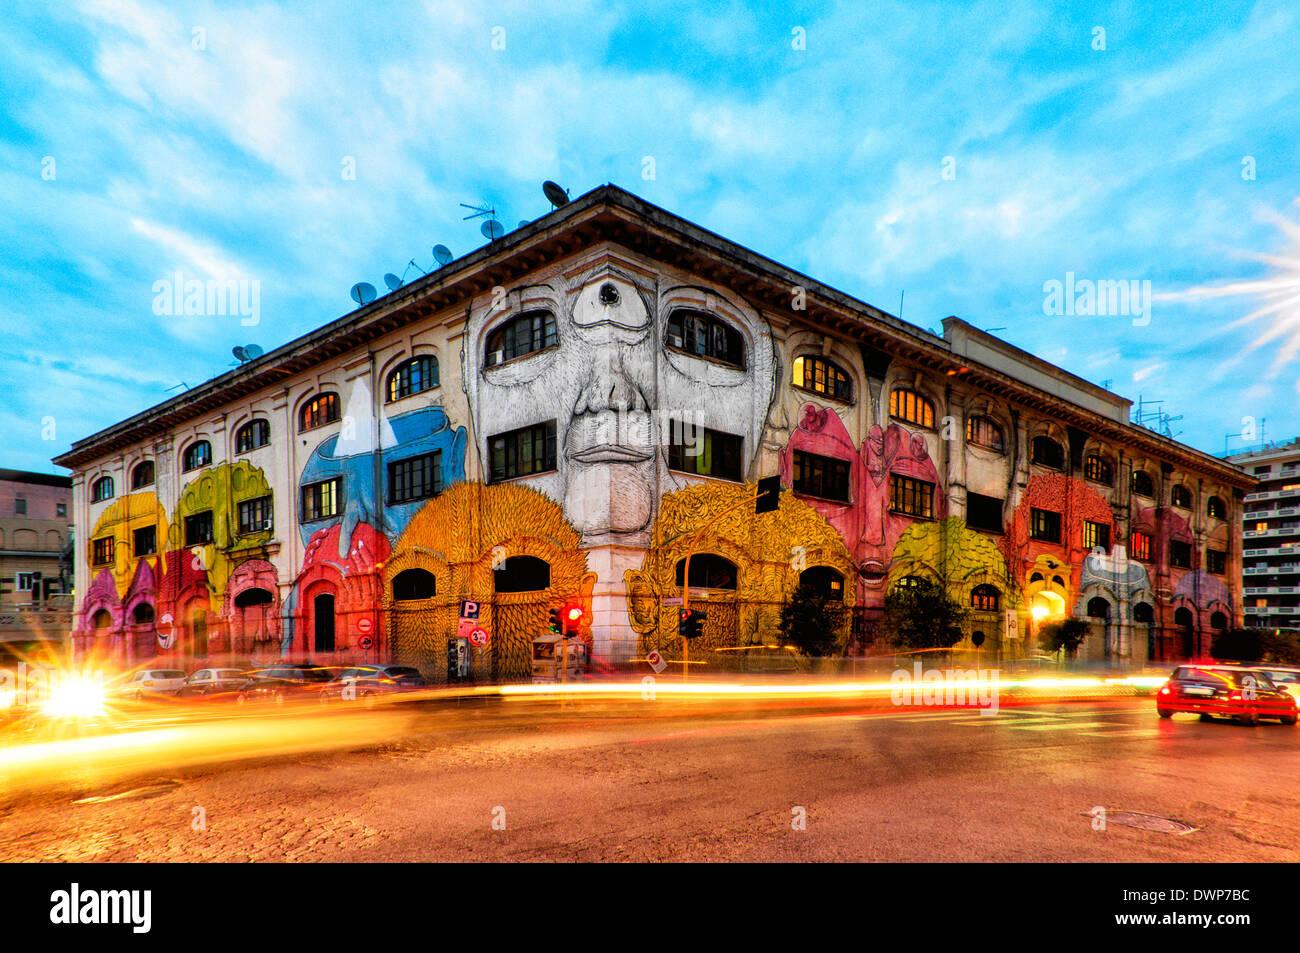 Arte di strada dal famoso artista Blu in Via del Porto Fluviale, Roma Italia Immagini Stock